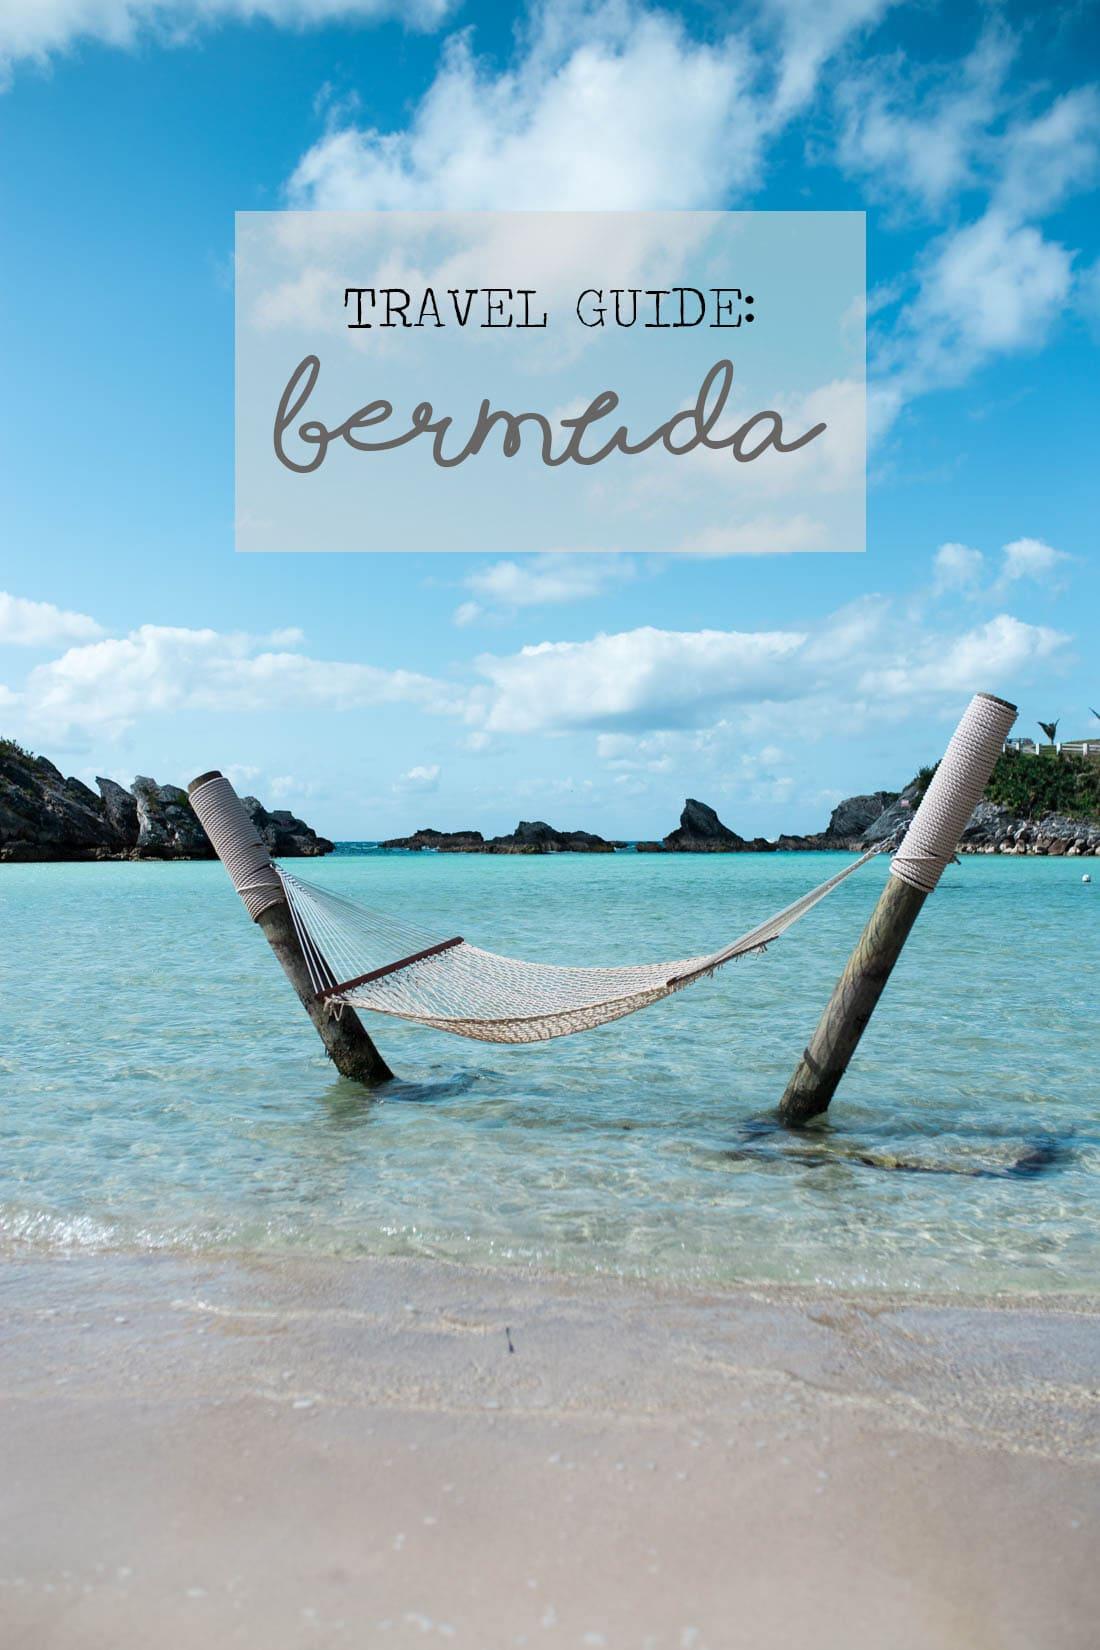 bermuda travel guide